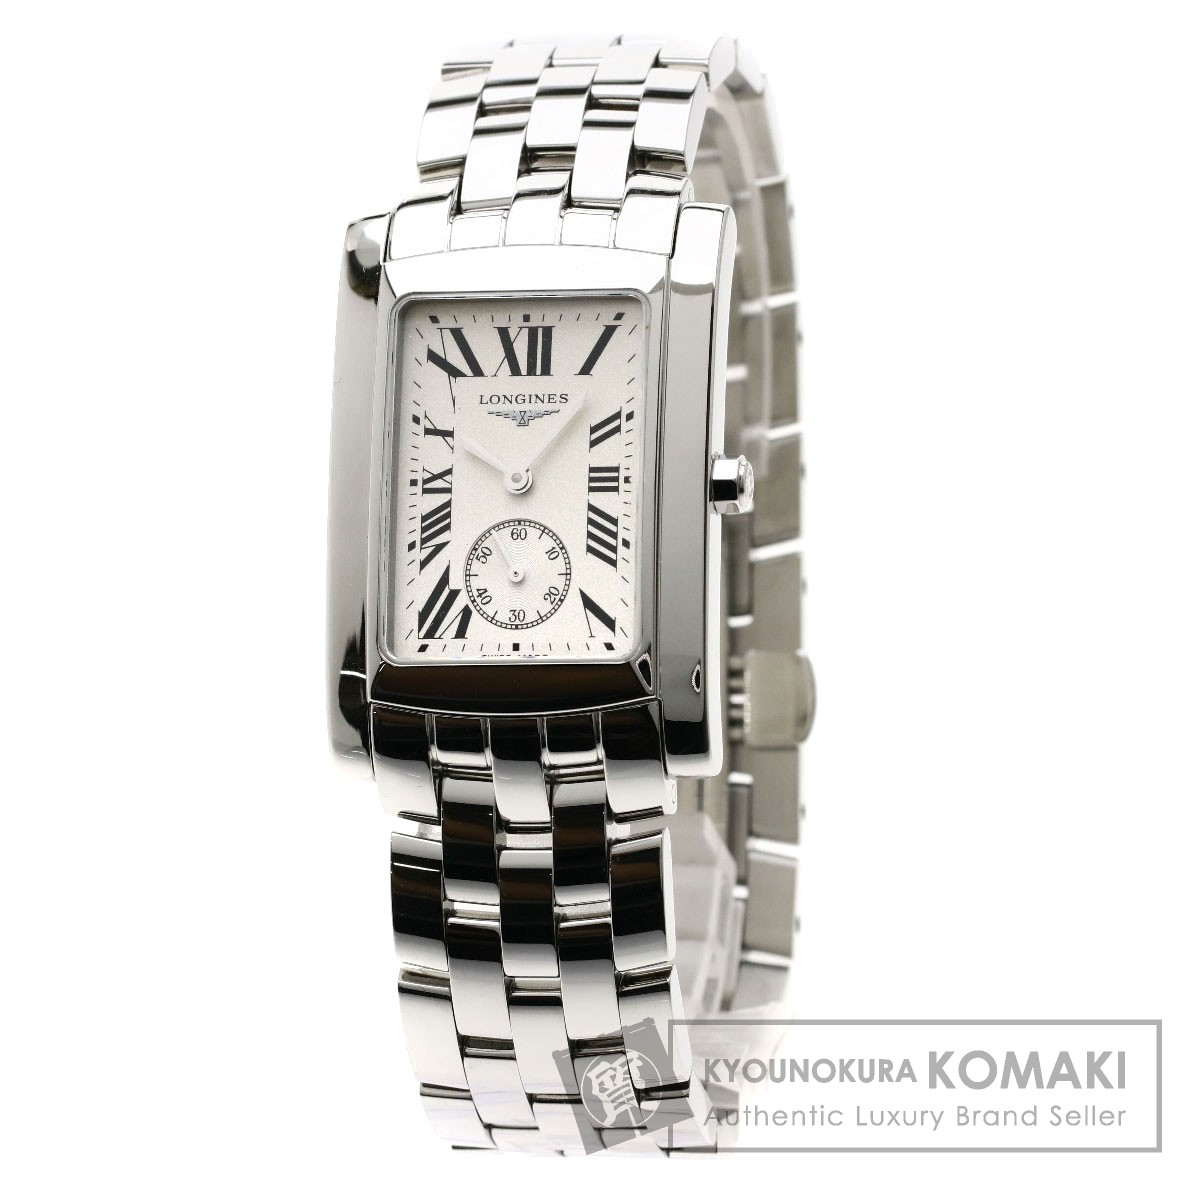 LONGINES L5.655.4 ドルチェビータ 腕時計 ステンレススチール メンズ 【中古】【ロンジン】